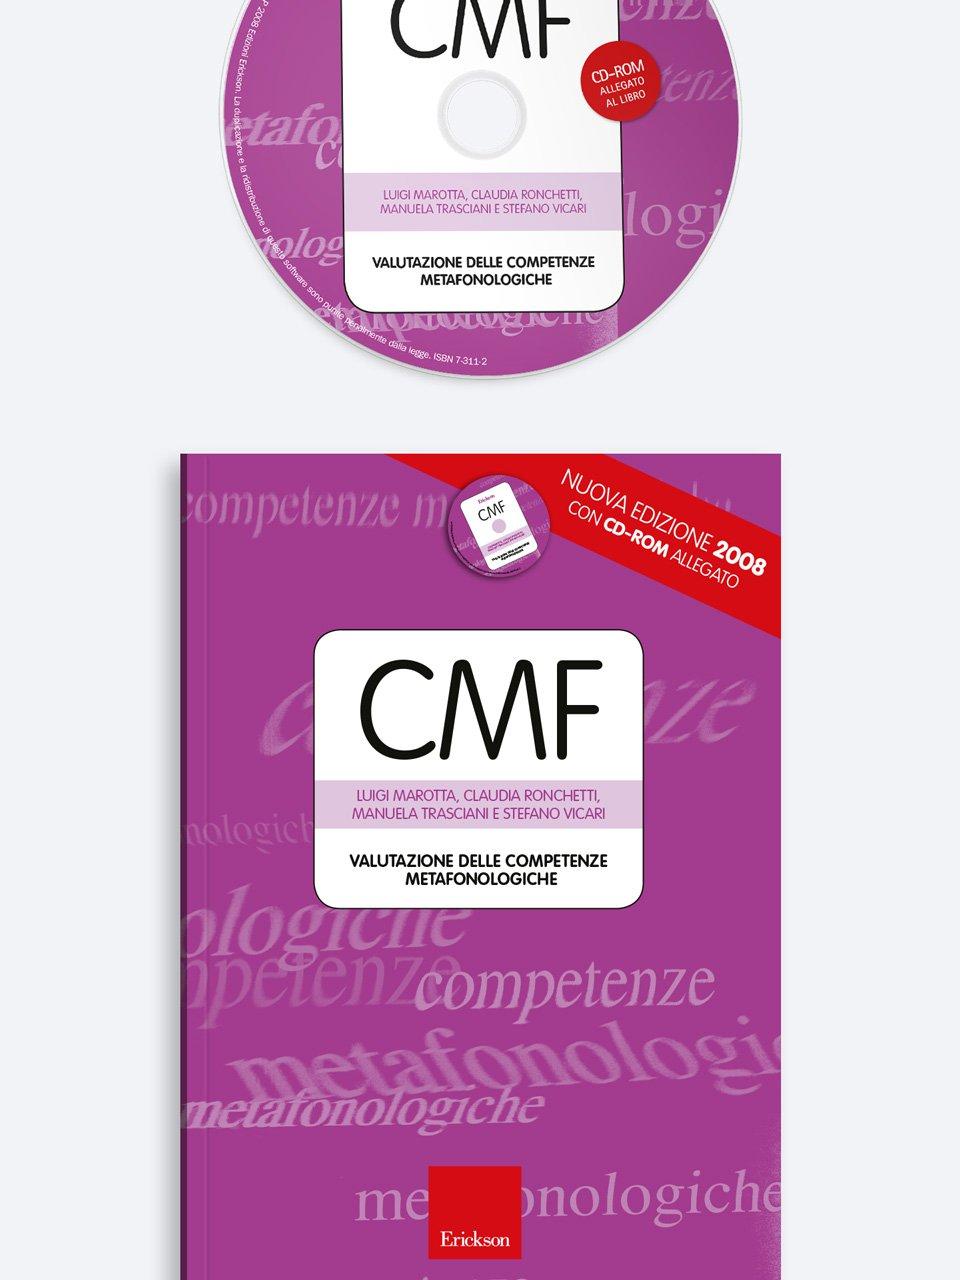 Test CMF - Valutazione delle competenze metafonologiche - Stefano Vicari - Erickson